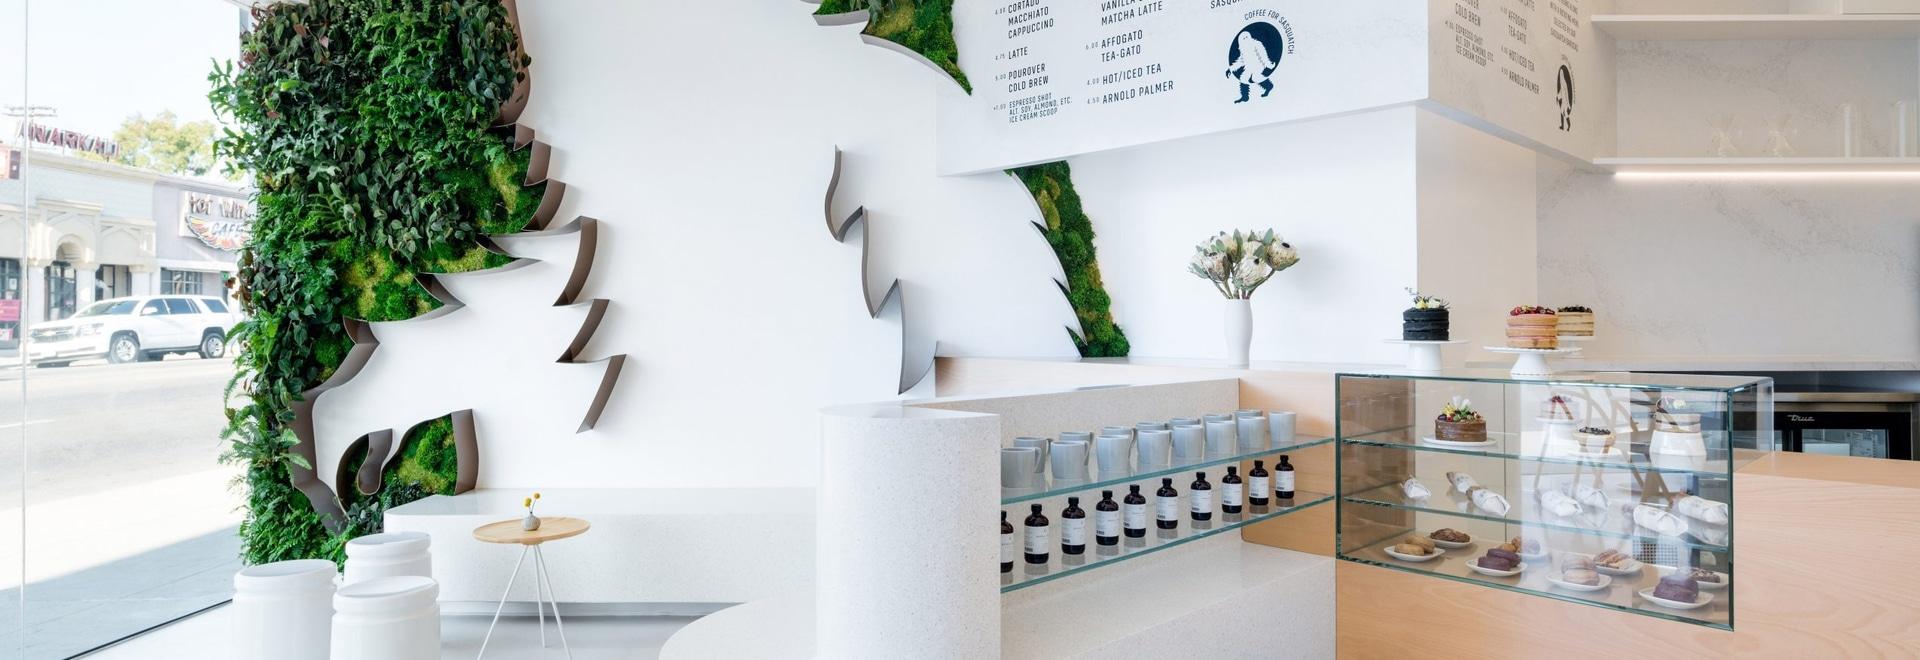 Un 11 piede Sasquatch circondato da una parete verde accoglie favorevolmente i clienti a questa caffetteria